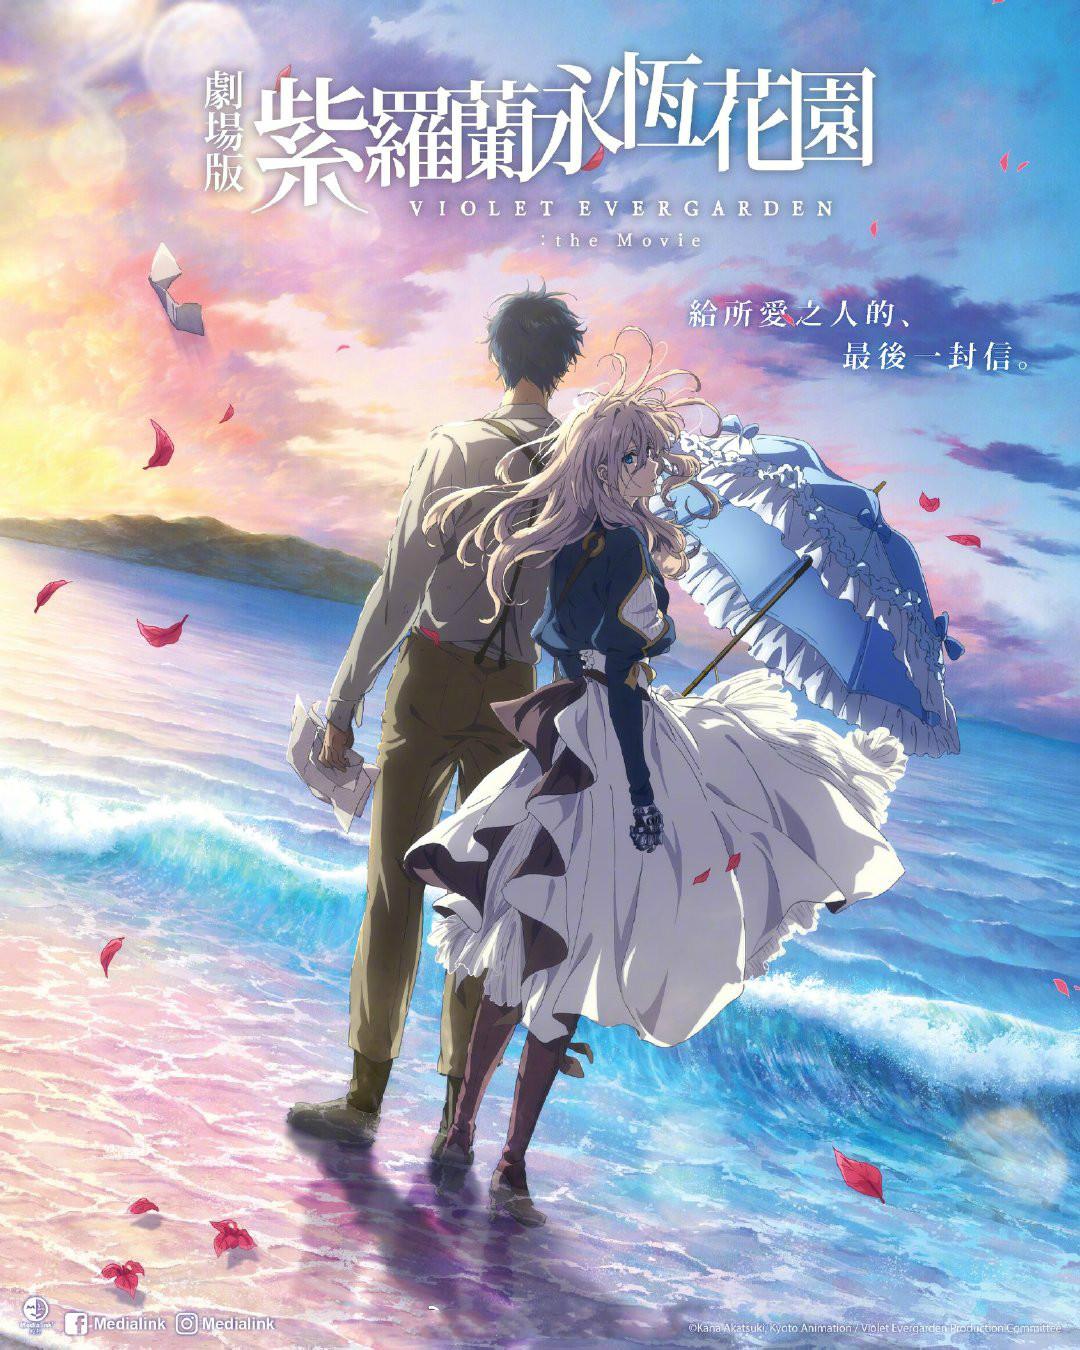 「紫罗兰永恒花园」新剧场版公开港版中字海报